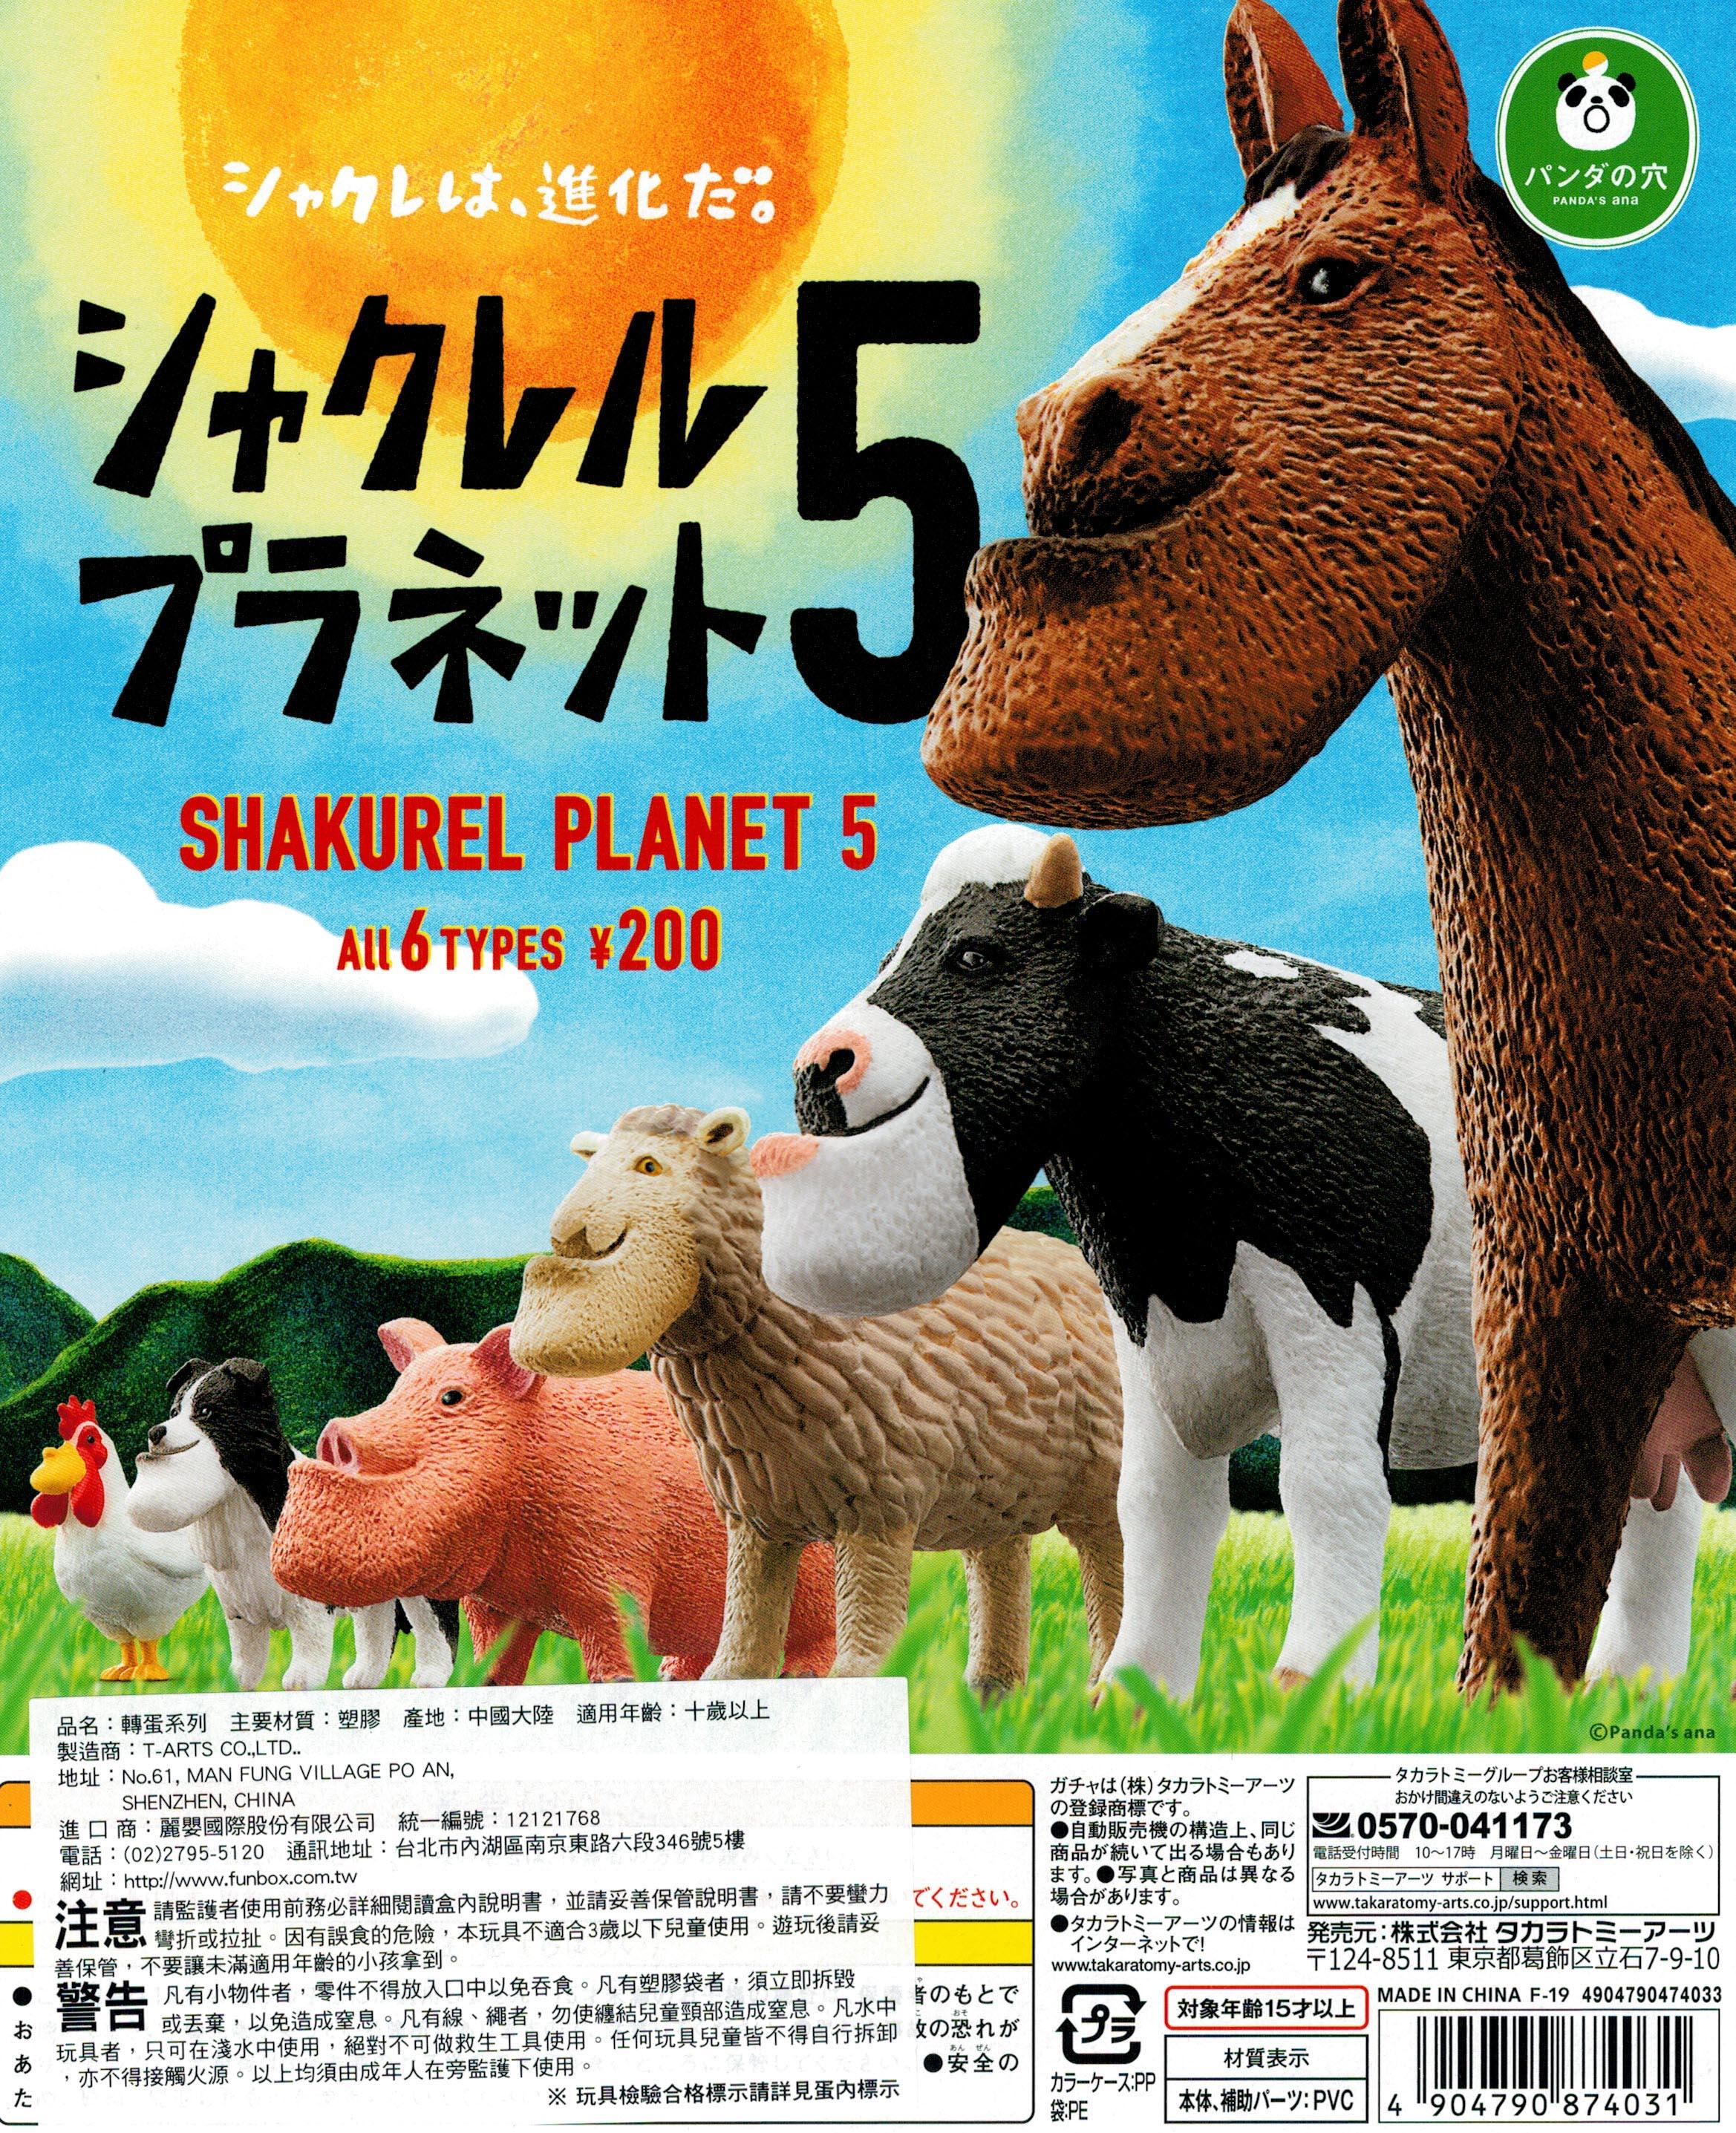 4904790874031戽斗動物園P5 CA8740320190911.jpg